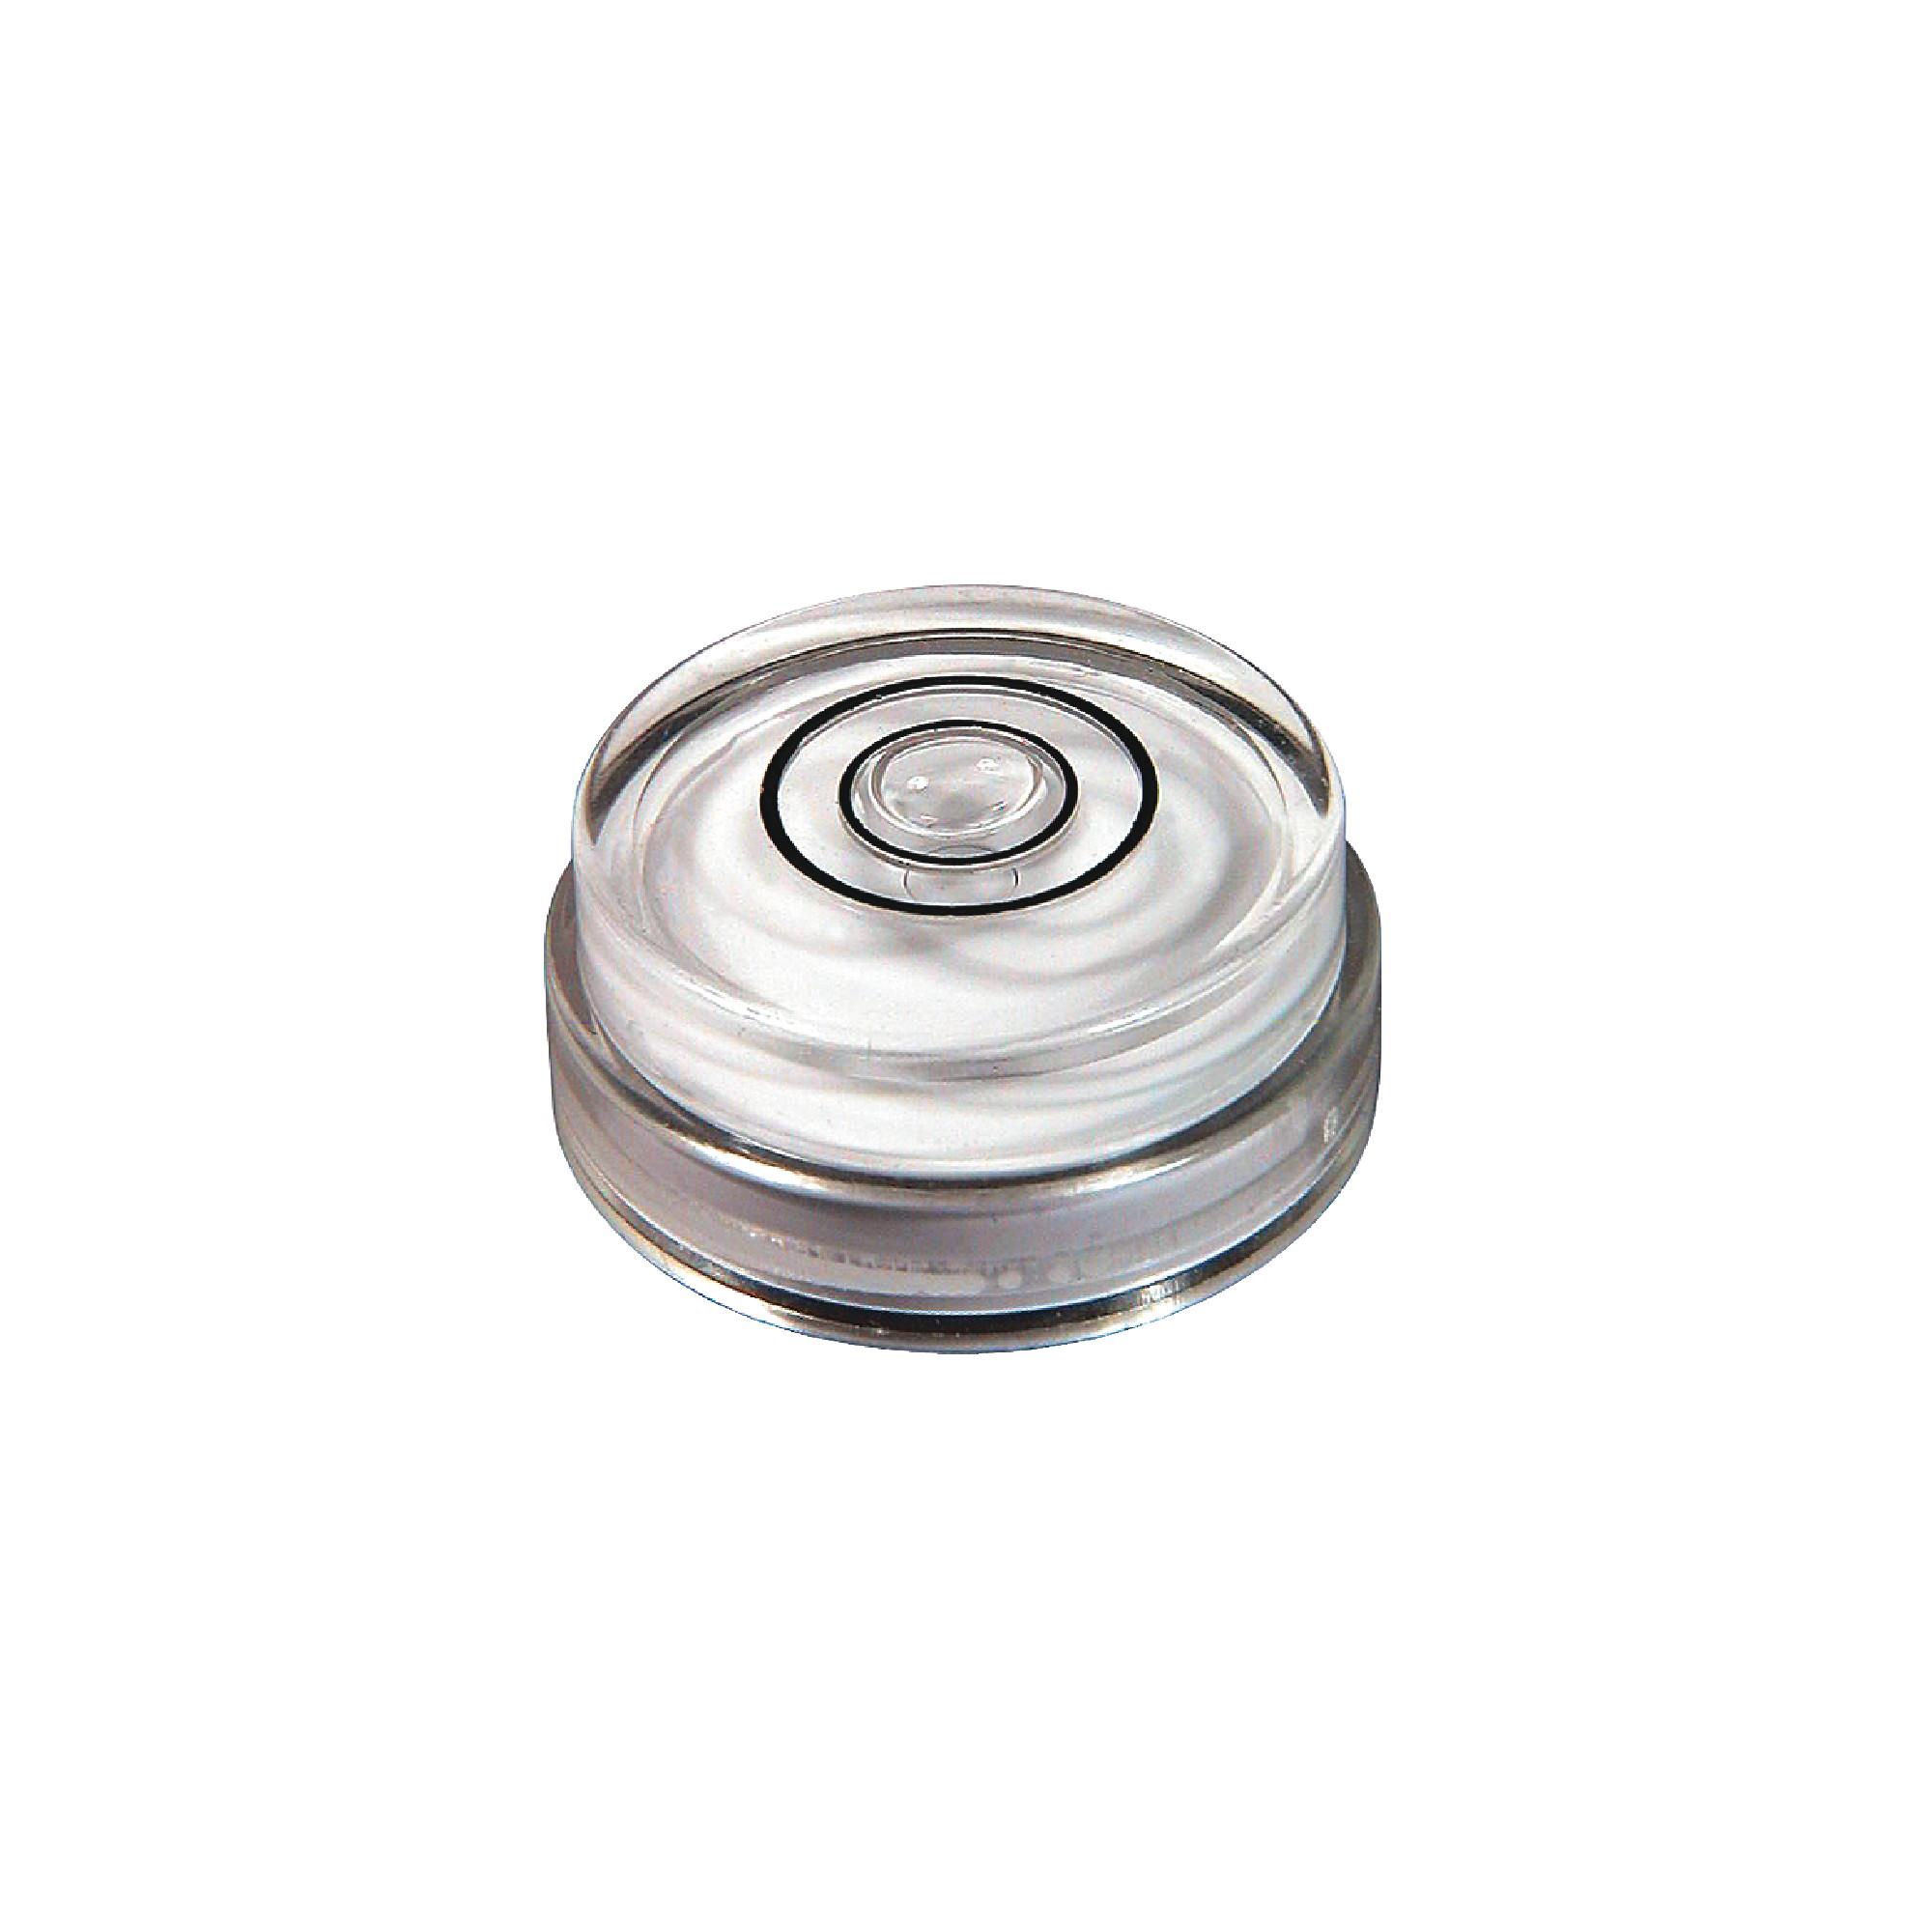 Circular Bullseye Level